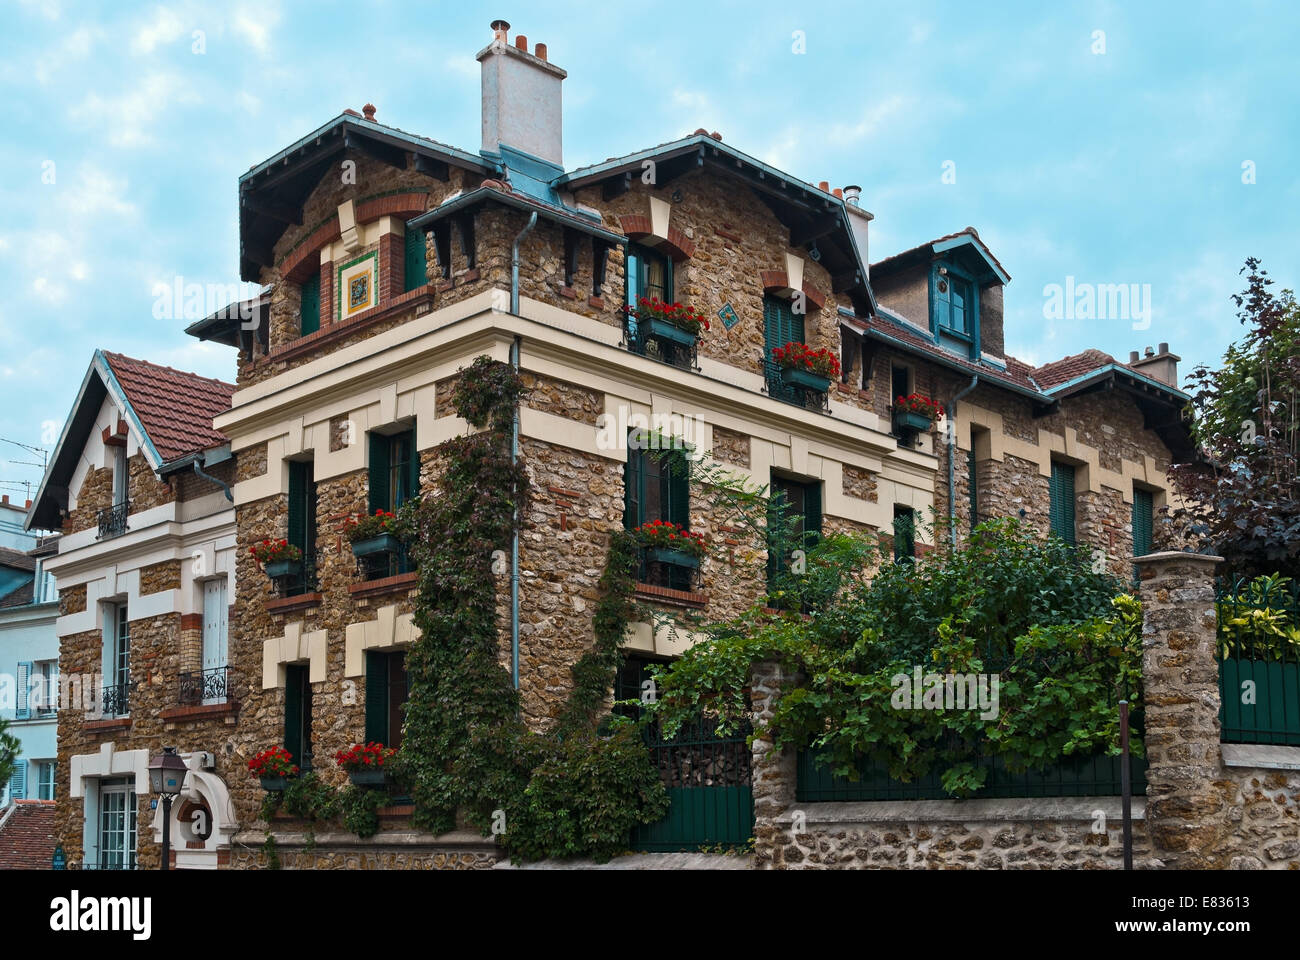 Schönes Haus Im Viktorianischen Stil Beige Ziegel Mit Blumen Und Grün Im  Montmartre In Paris Im Sommer An Einem Sonnigen